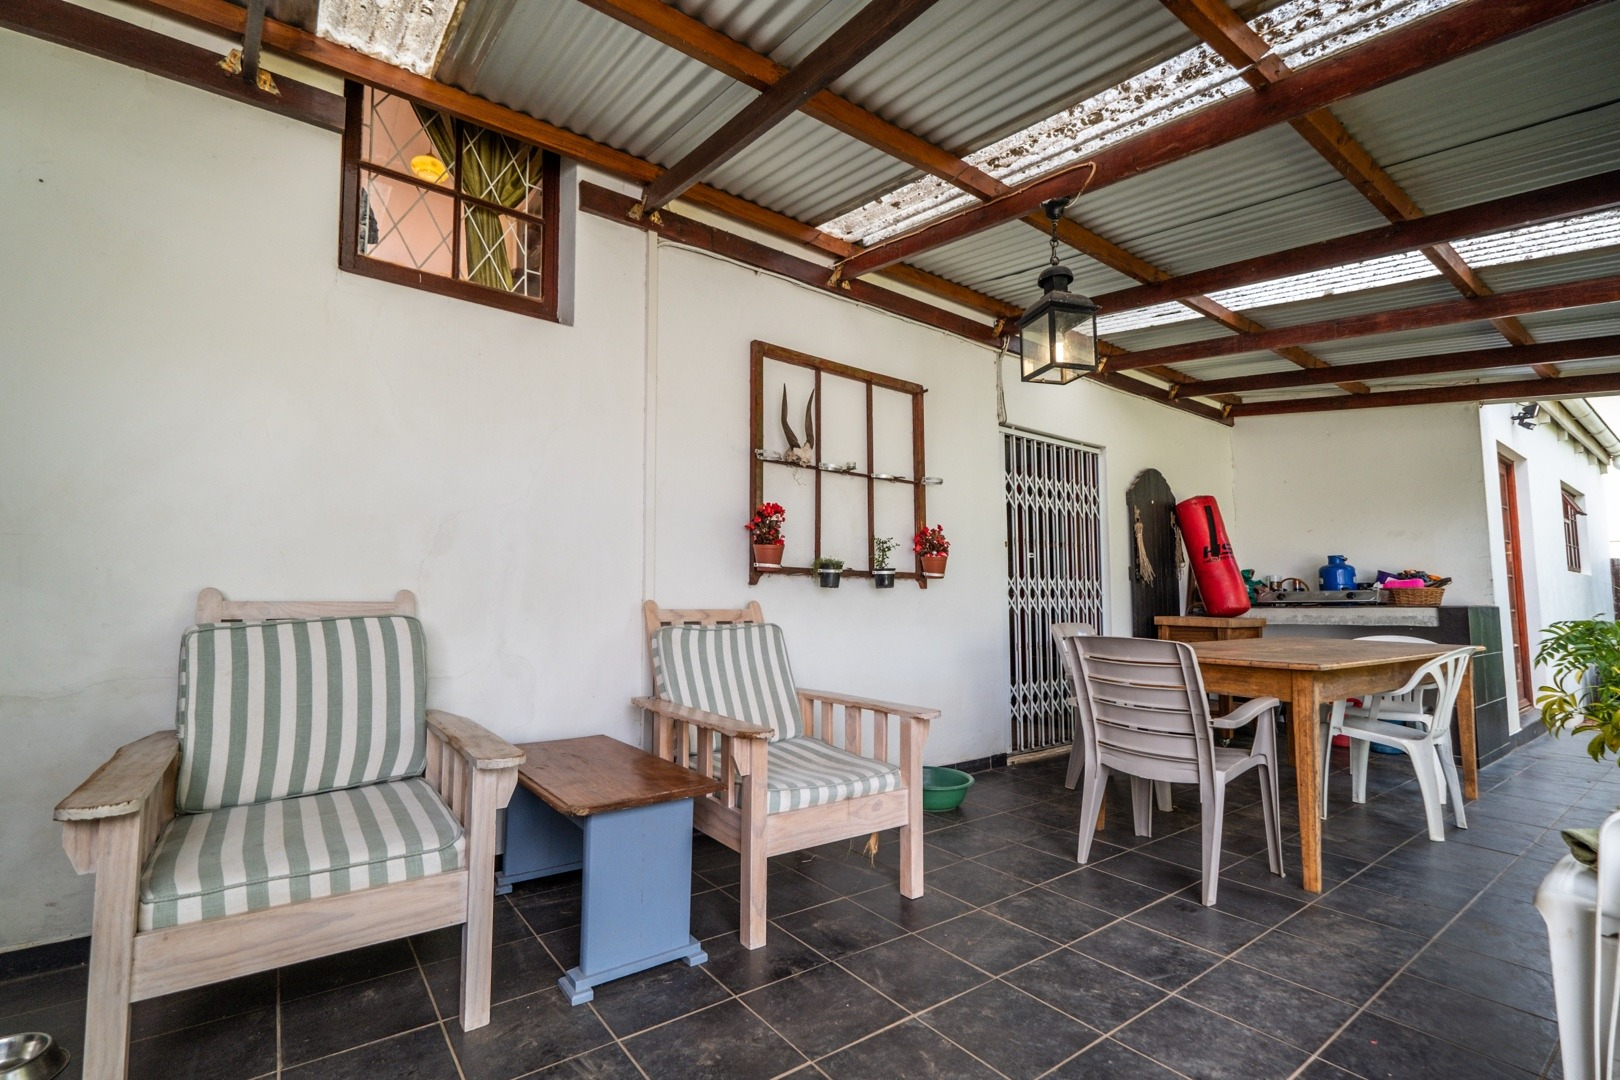 4 Bedroom House To Rent in Oatlands